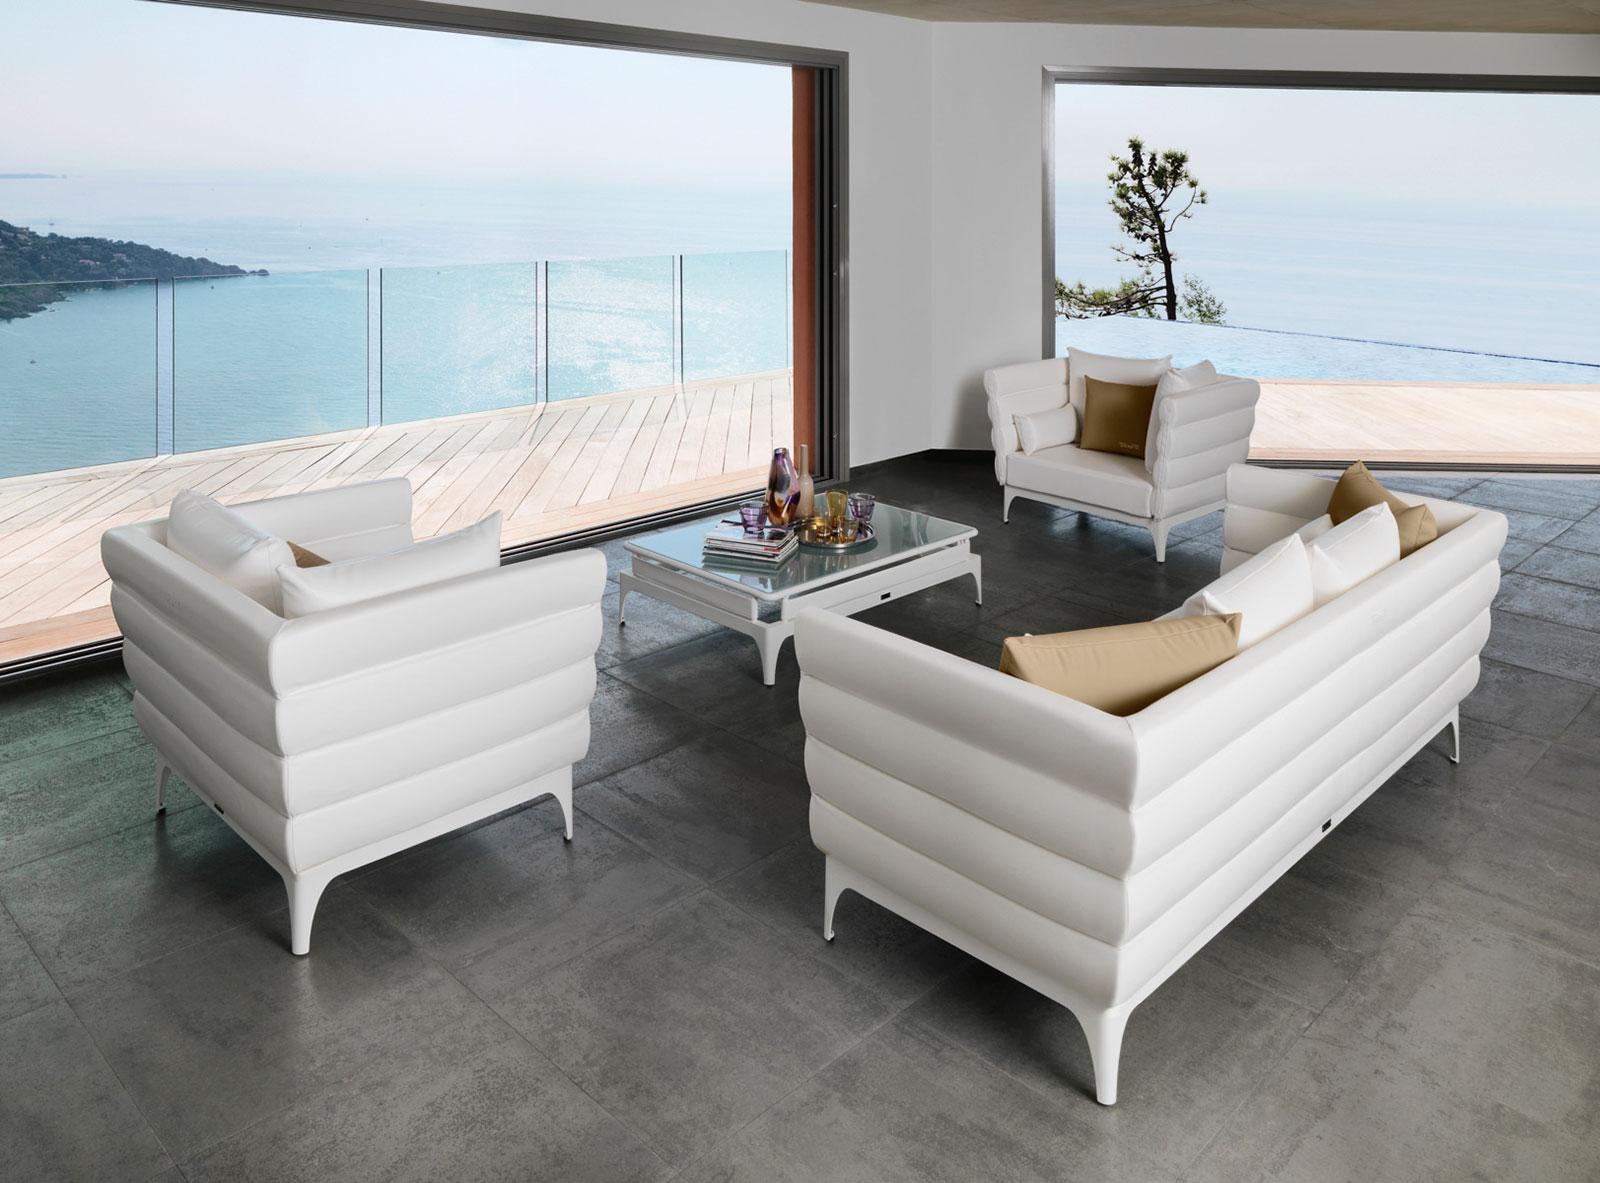 Bold Salon D'Extérieur serapportantà Mobilier De Jardin Design De Luxe